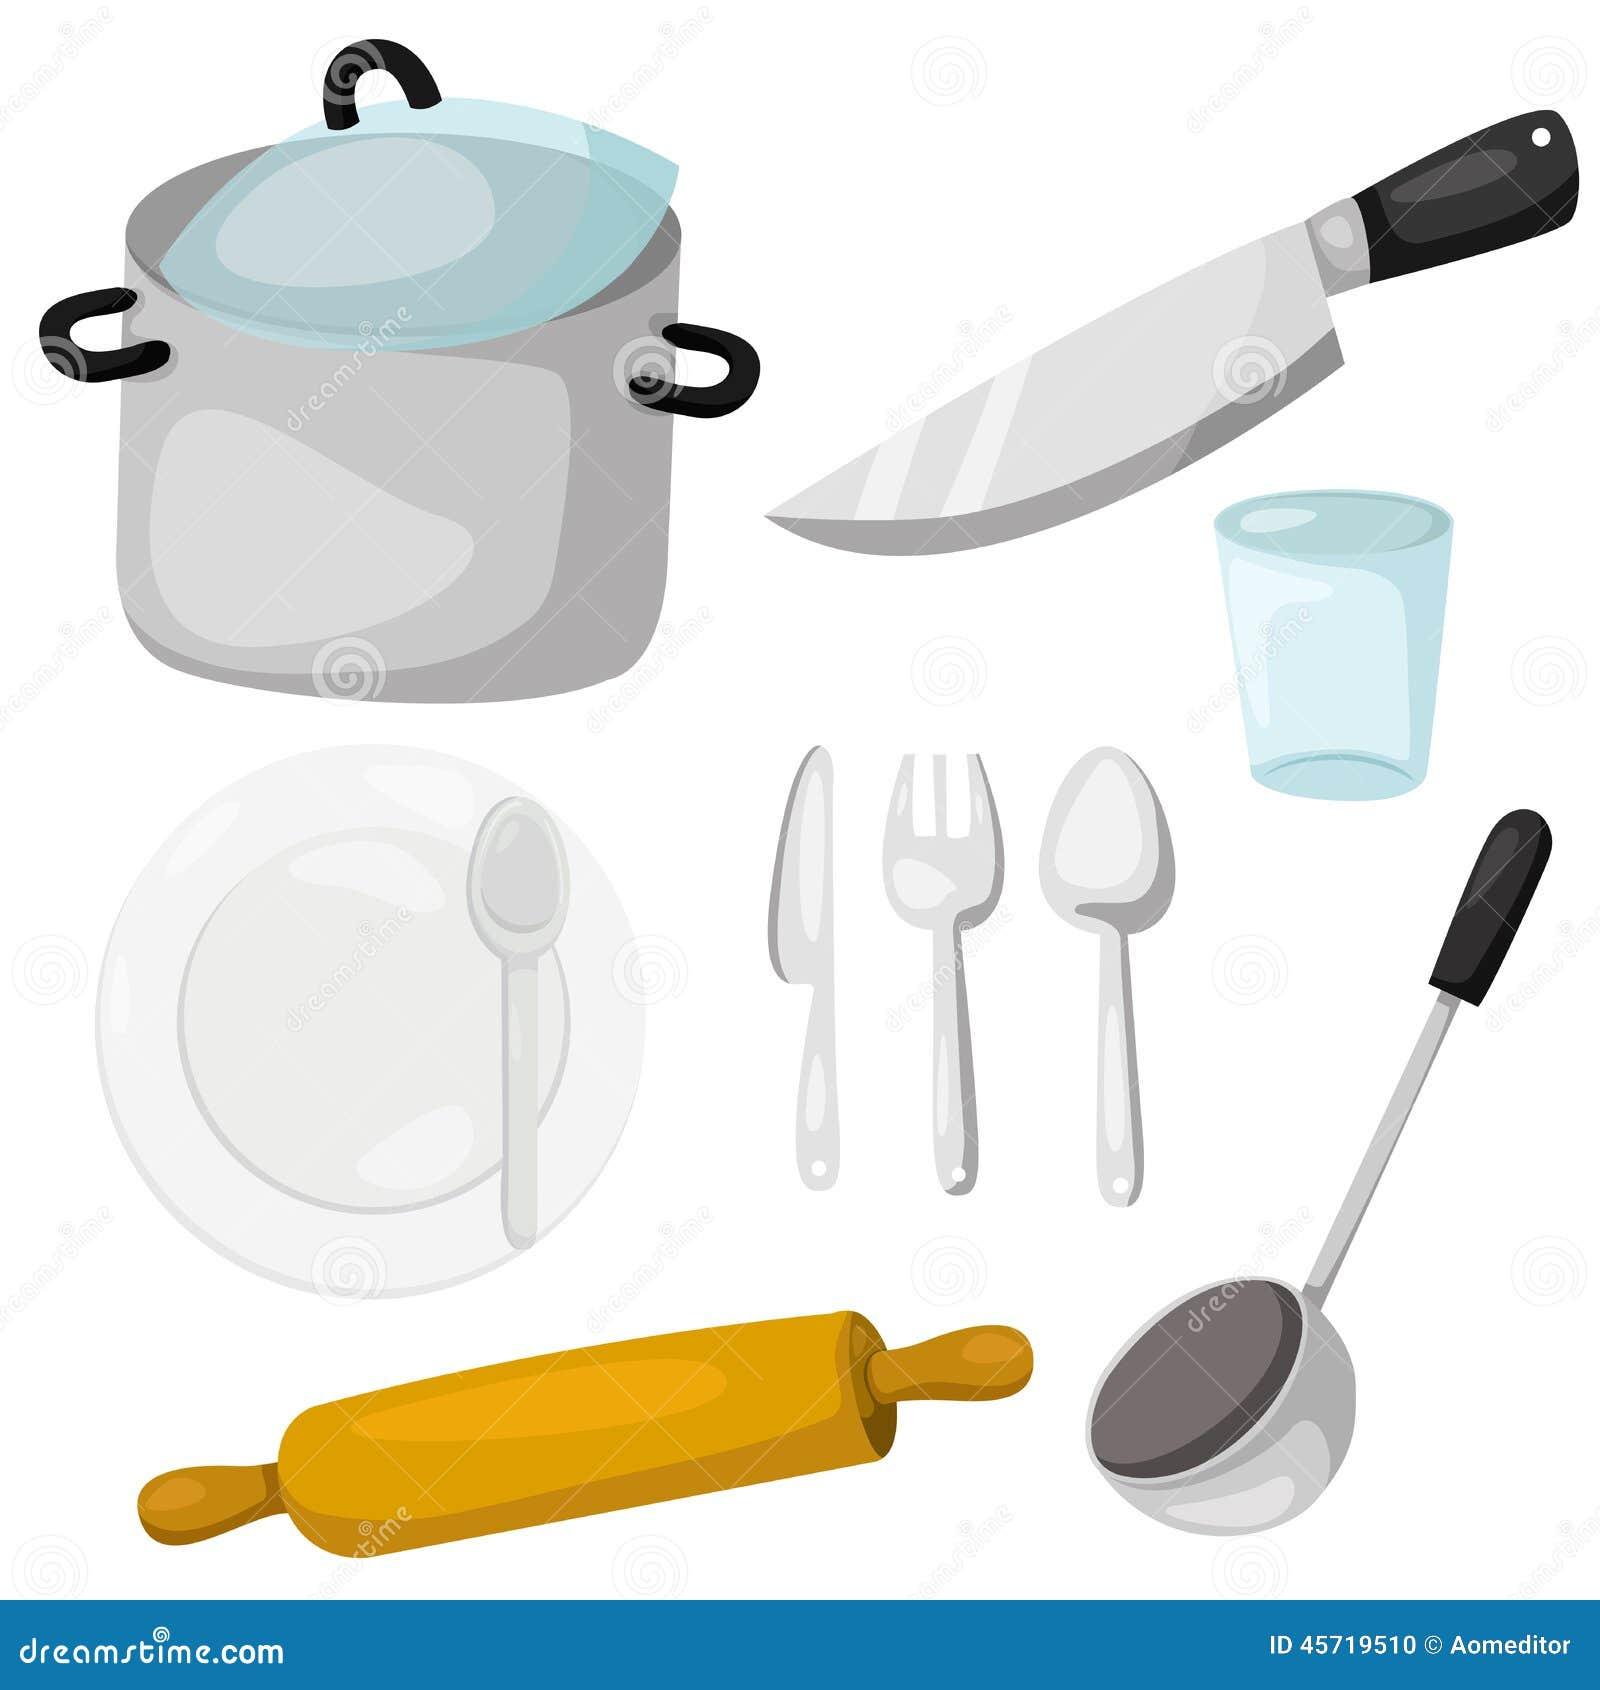 Illustrator del art culos de cocina con loza y la cocina for Remates articulos de cocina